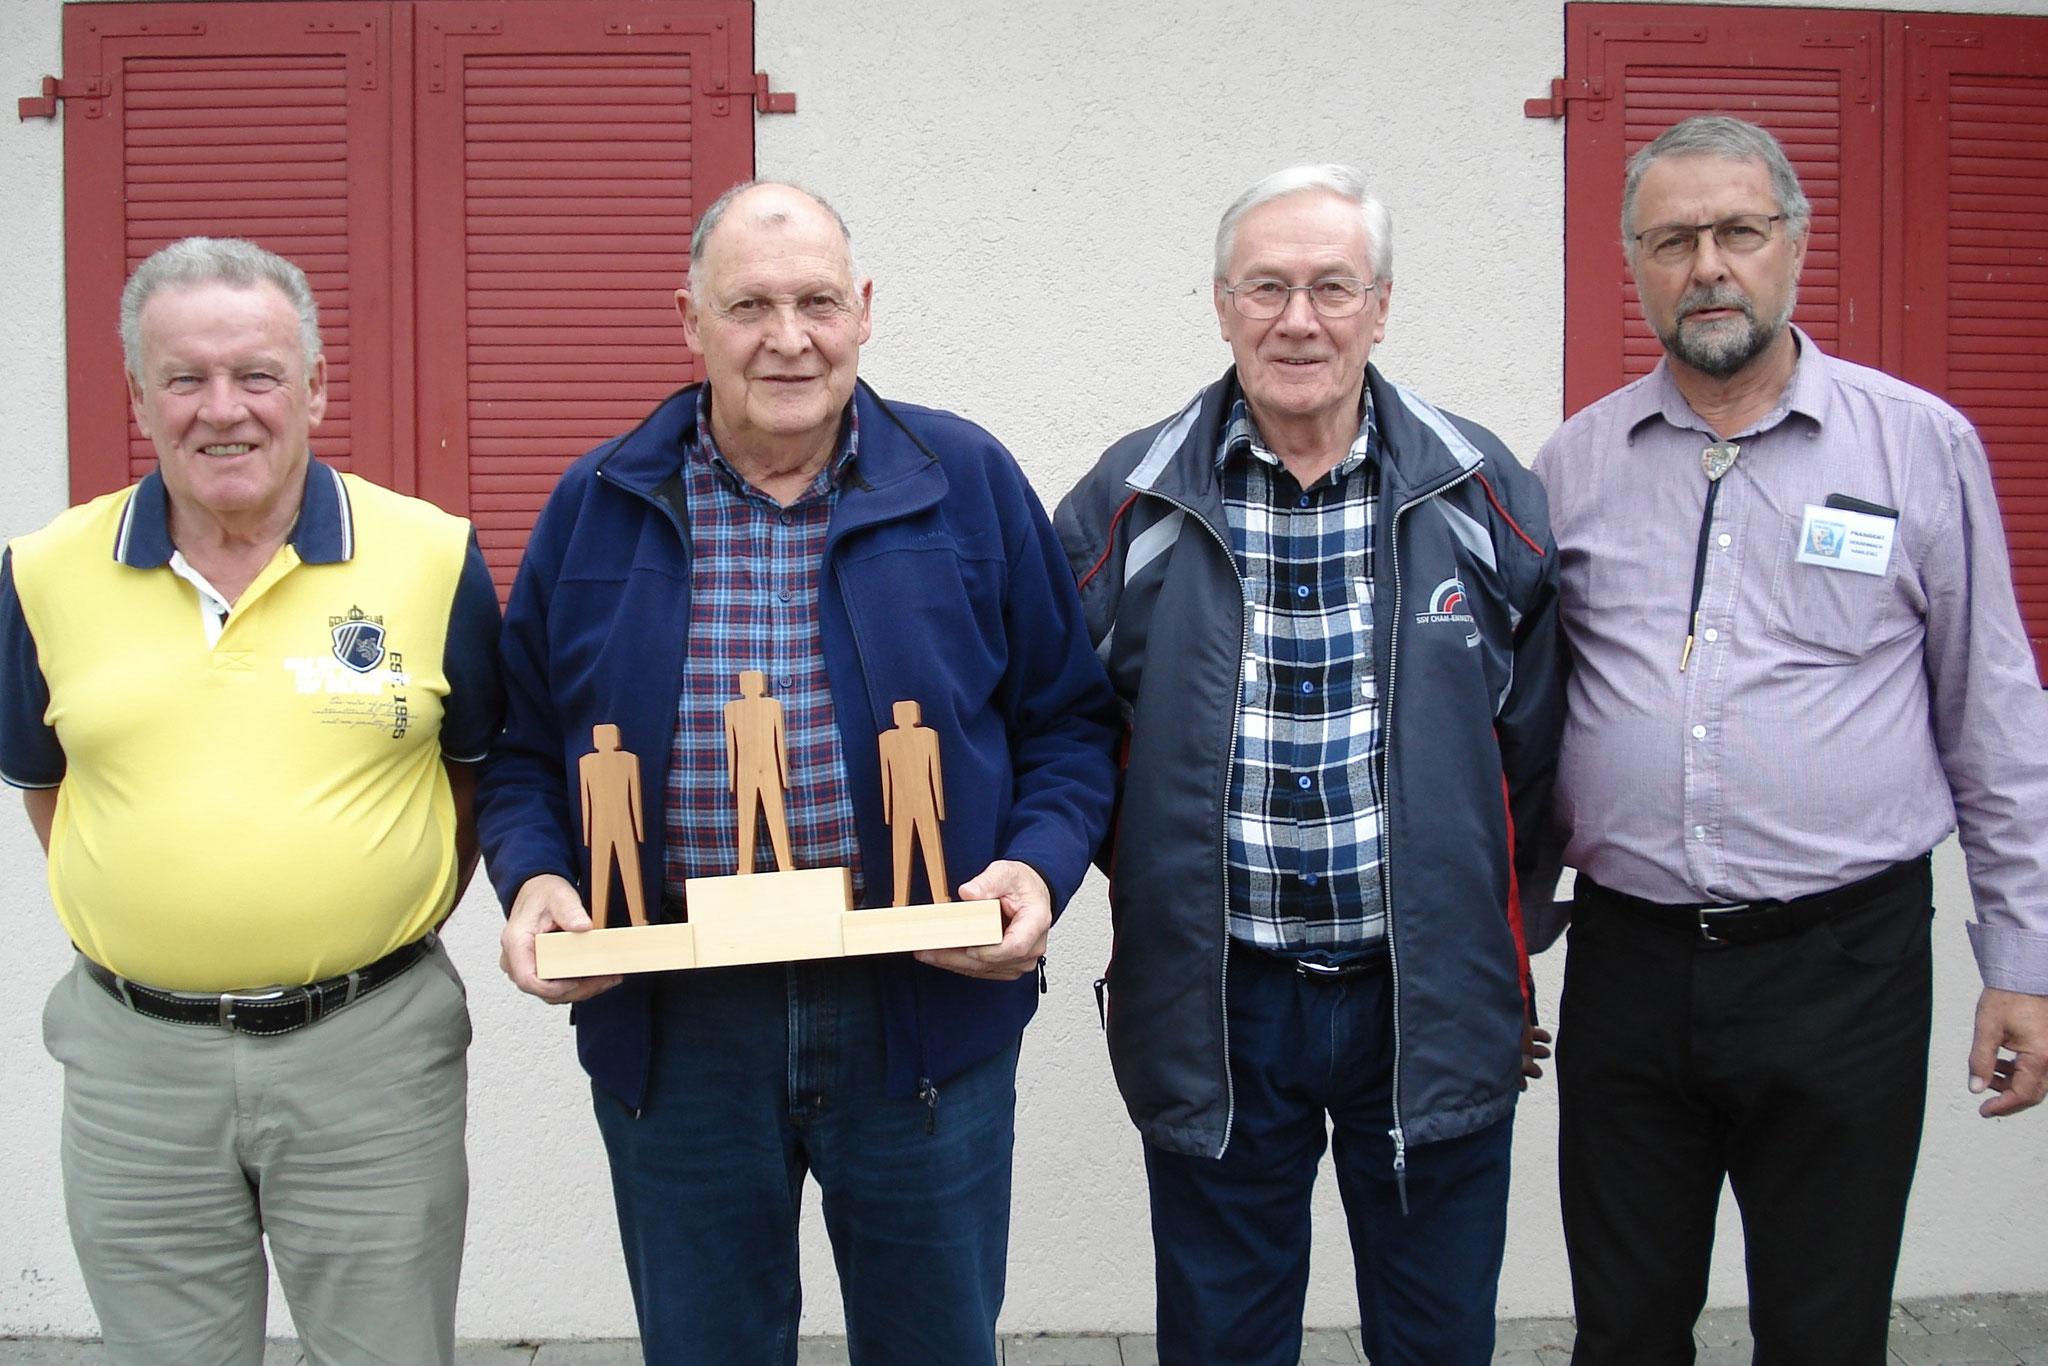 Josef Wiss, Festsieger Franz Schmidig, Walter Zimmermann, eingerahmt von Präsident Dossenbach (von links), belegten Spitzenplätze